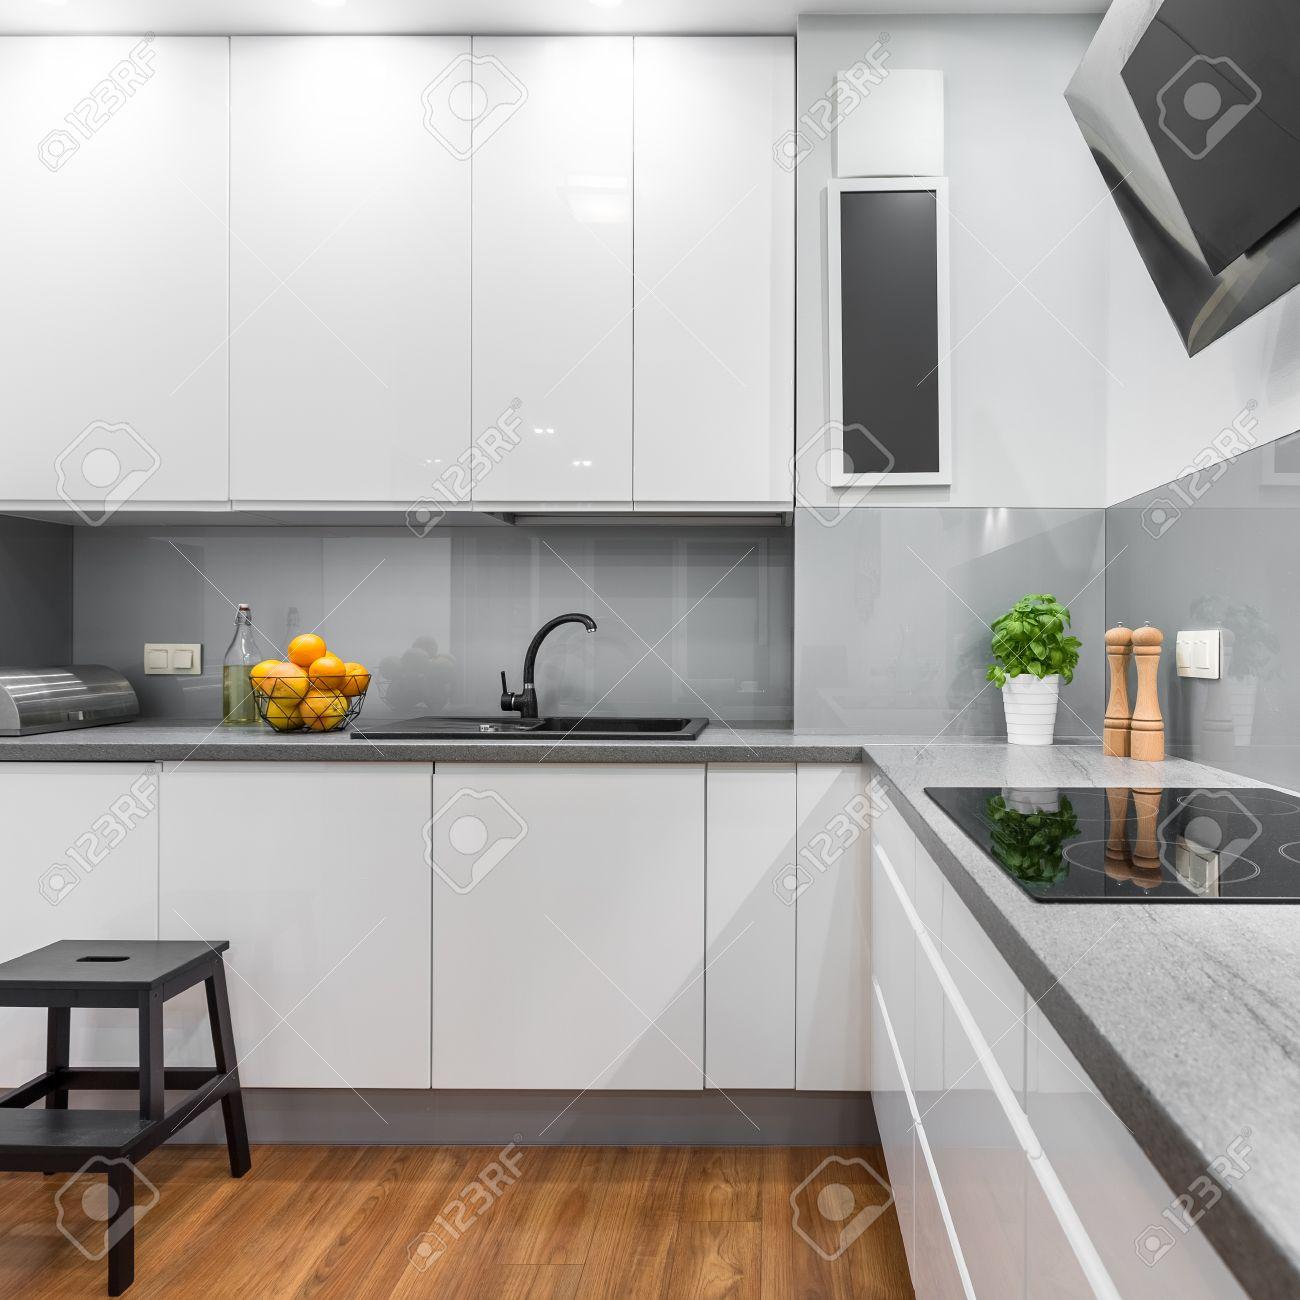 Cocina Con Muebles De Color Blanco, Taburete De Madera Y Encimera De ...